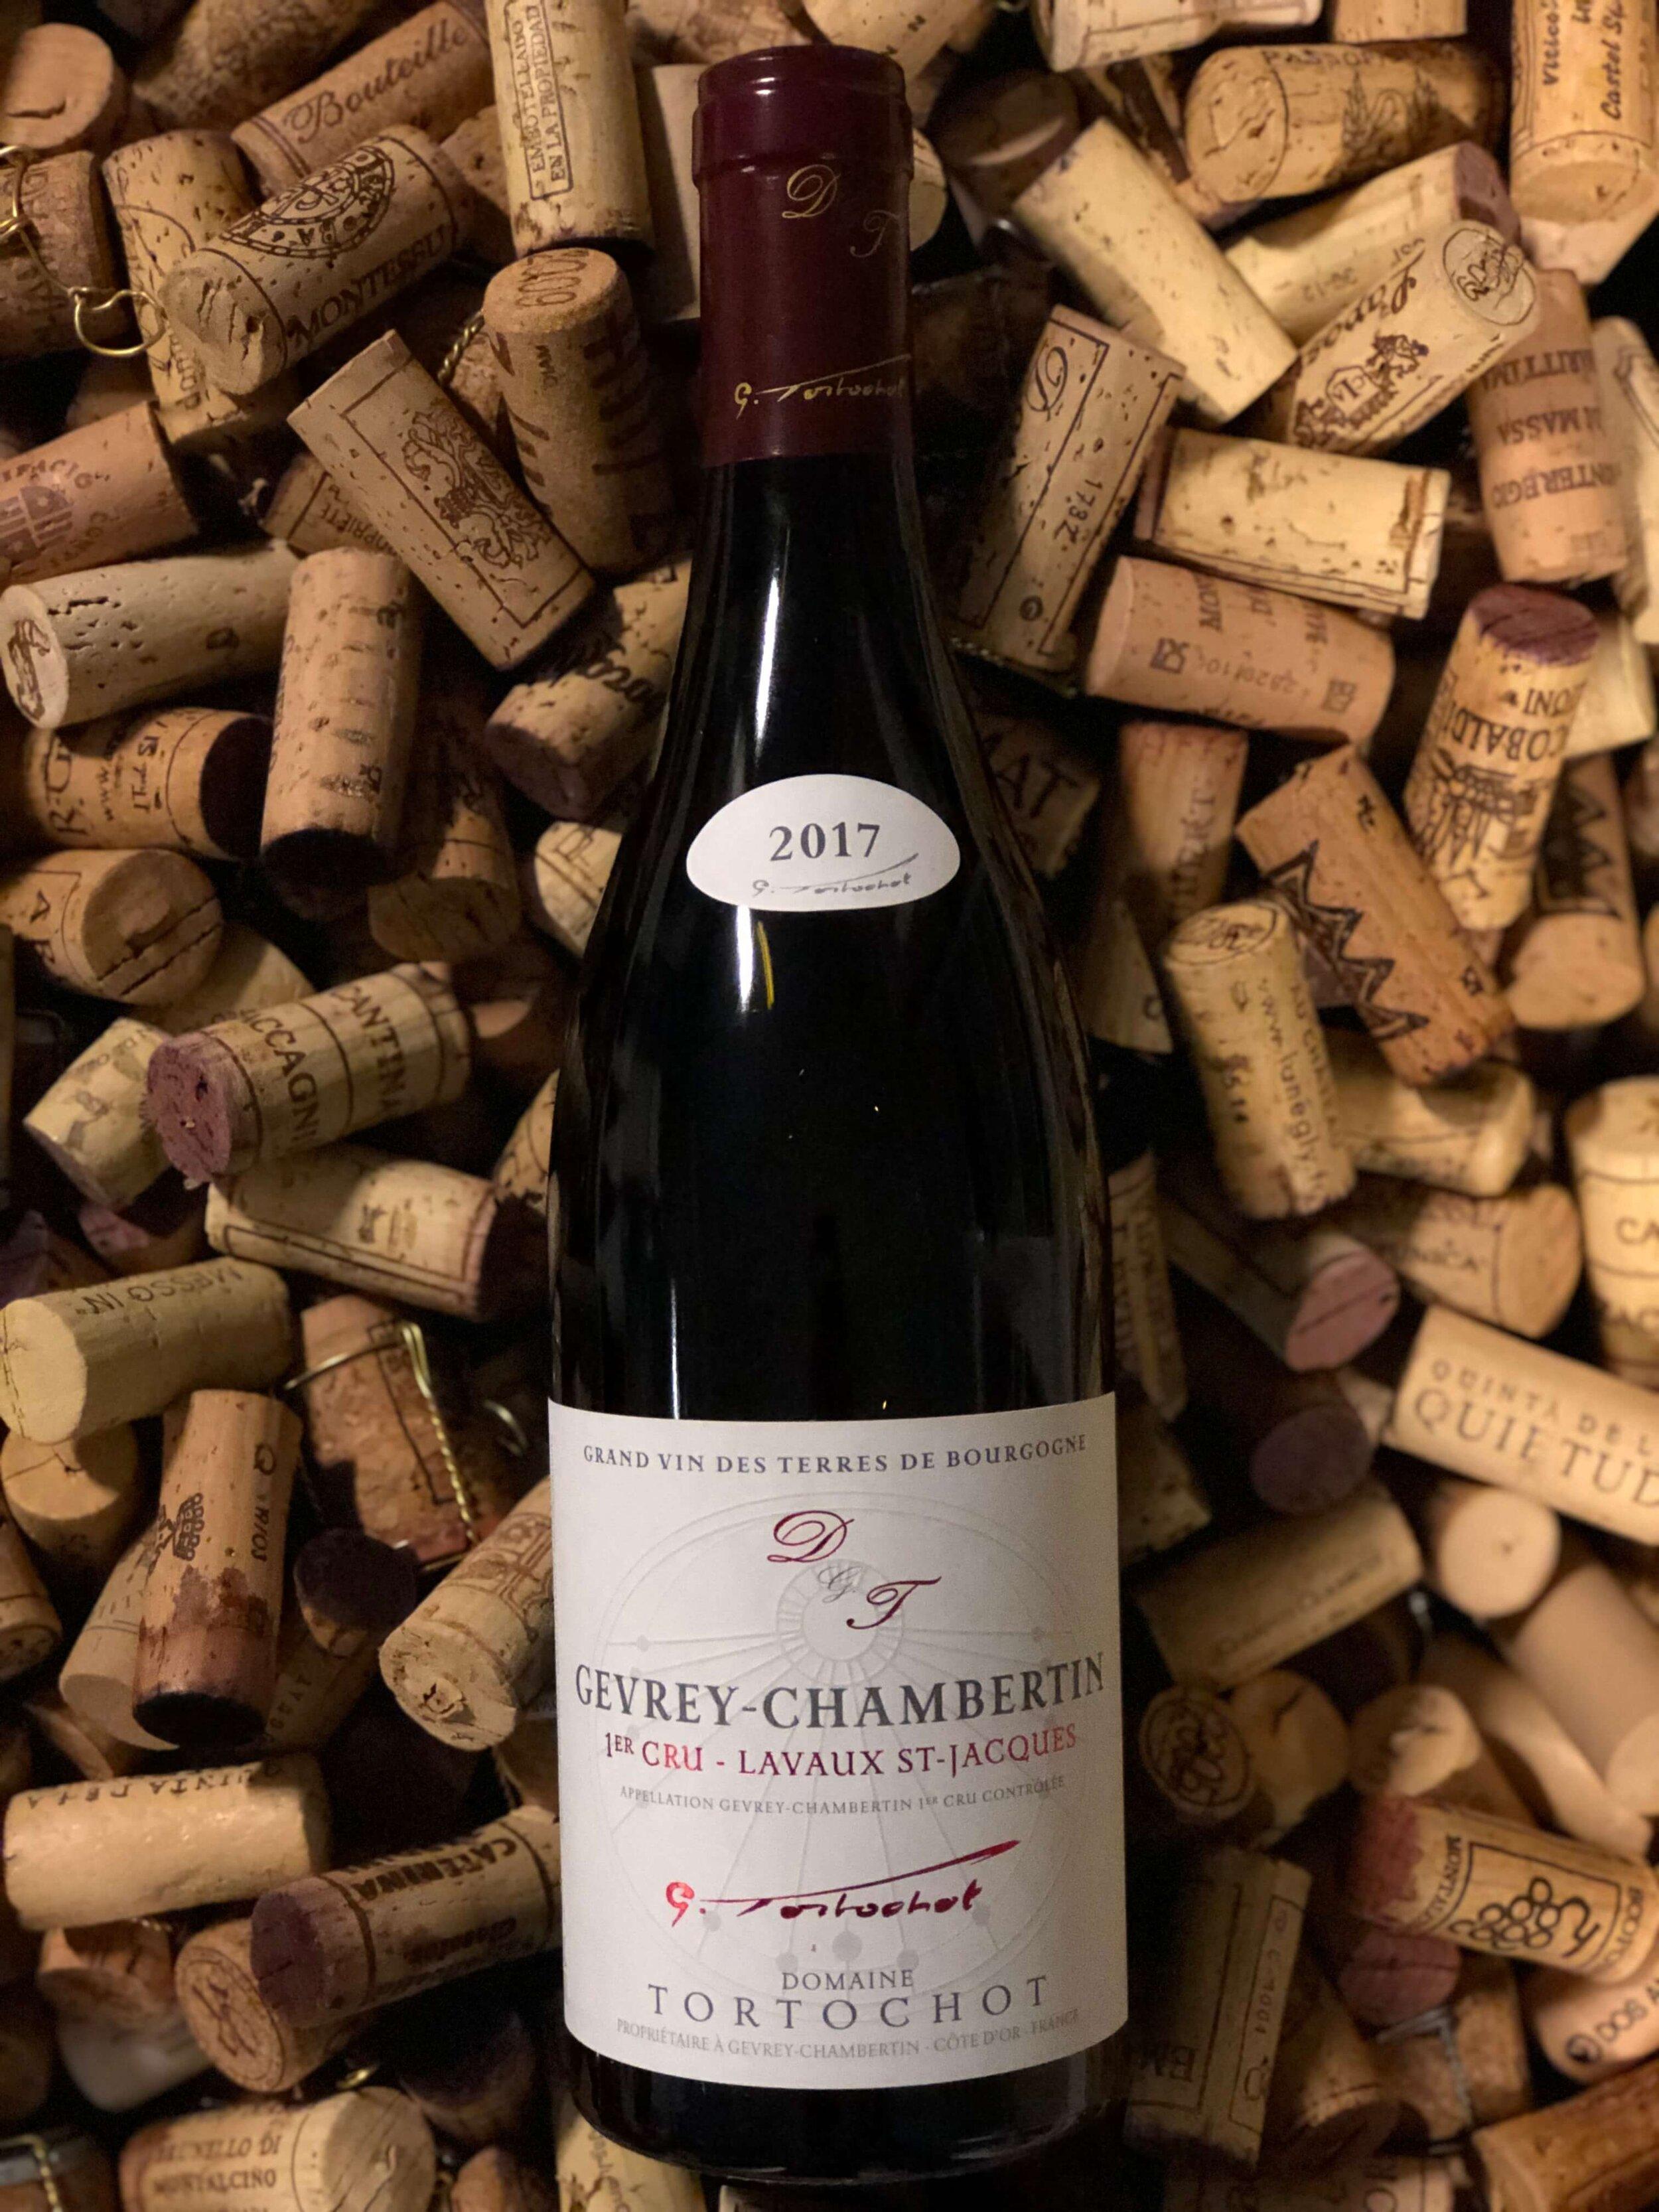 """Gevrey-Chambertin 1er cru """"Lavaux St. Jacques"""" 2017 - Drue: Pinot NoirKlassifikation: Apppellation 1er crusTerroir: Gevrey (enkelmark) ler og kalkstenVinstokke 45-55 år gamle stokkeLagring: min. 12 mån. lagring på egetræsfade (50% nye)Flaske: leveres i 0,75L"""